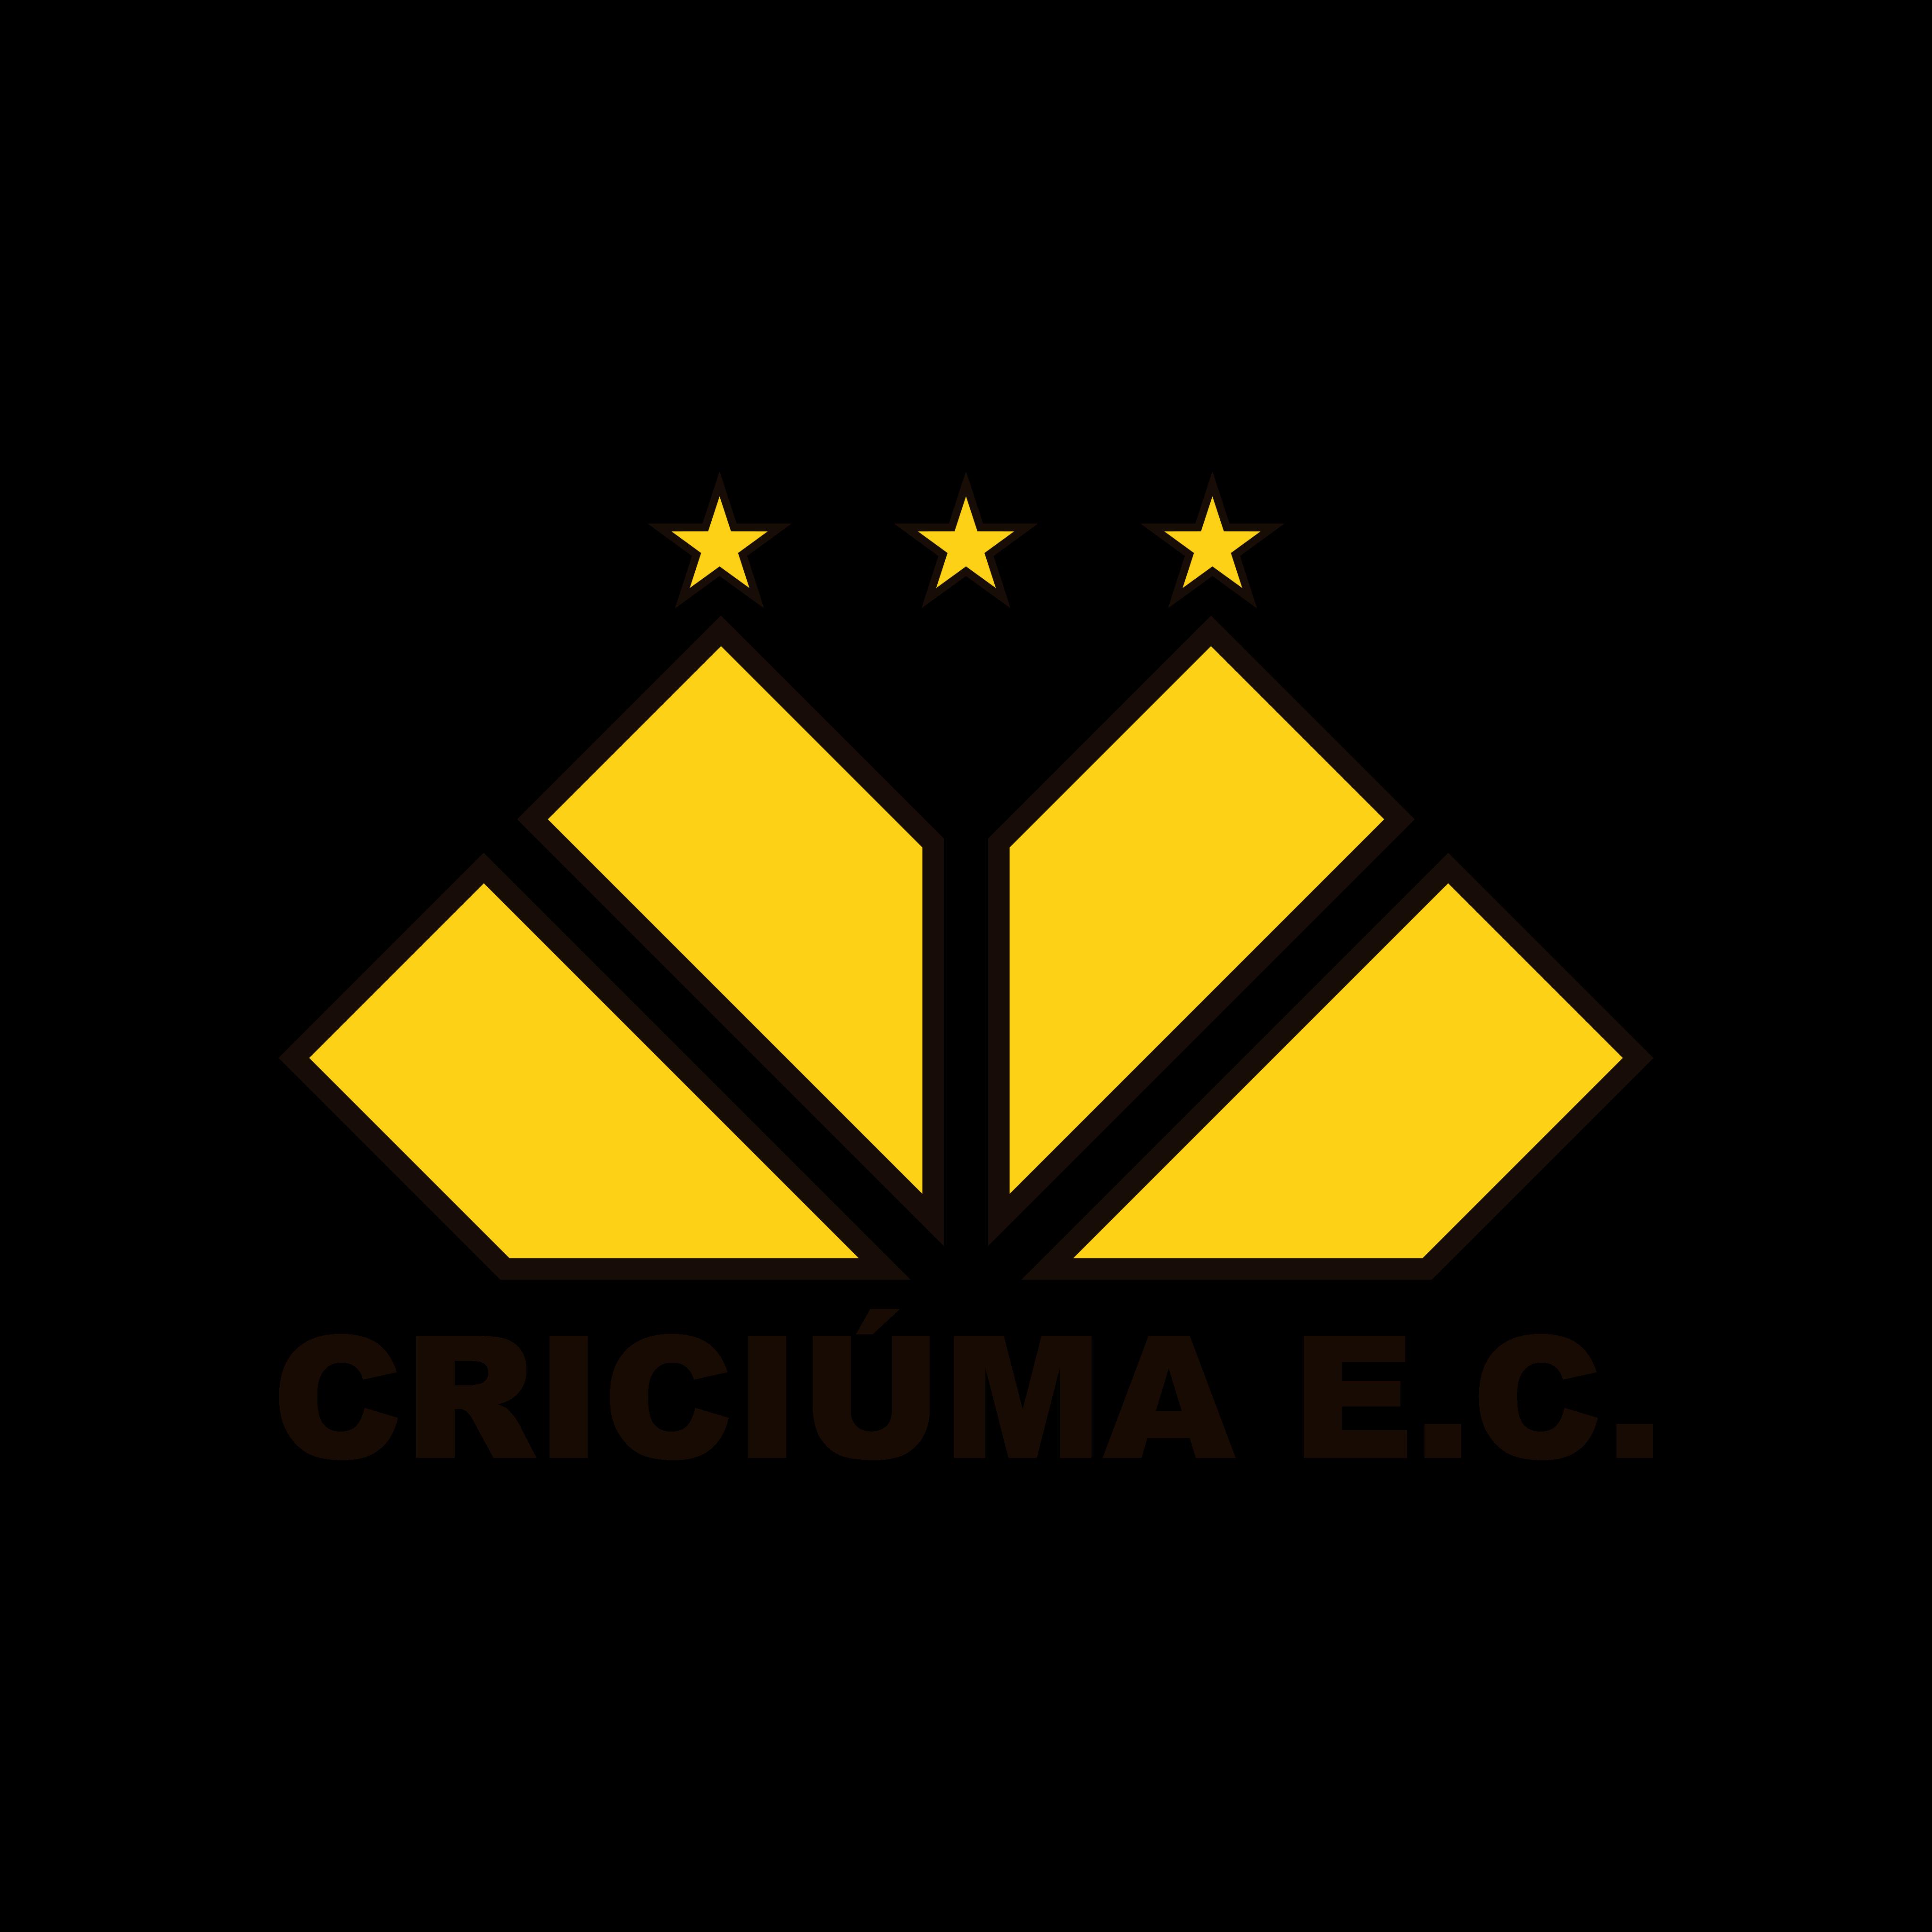 criciuma logo 0 - Criciúma Logo